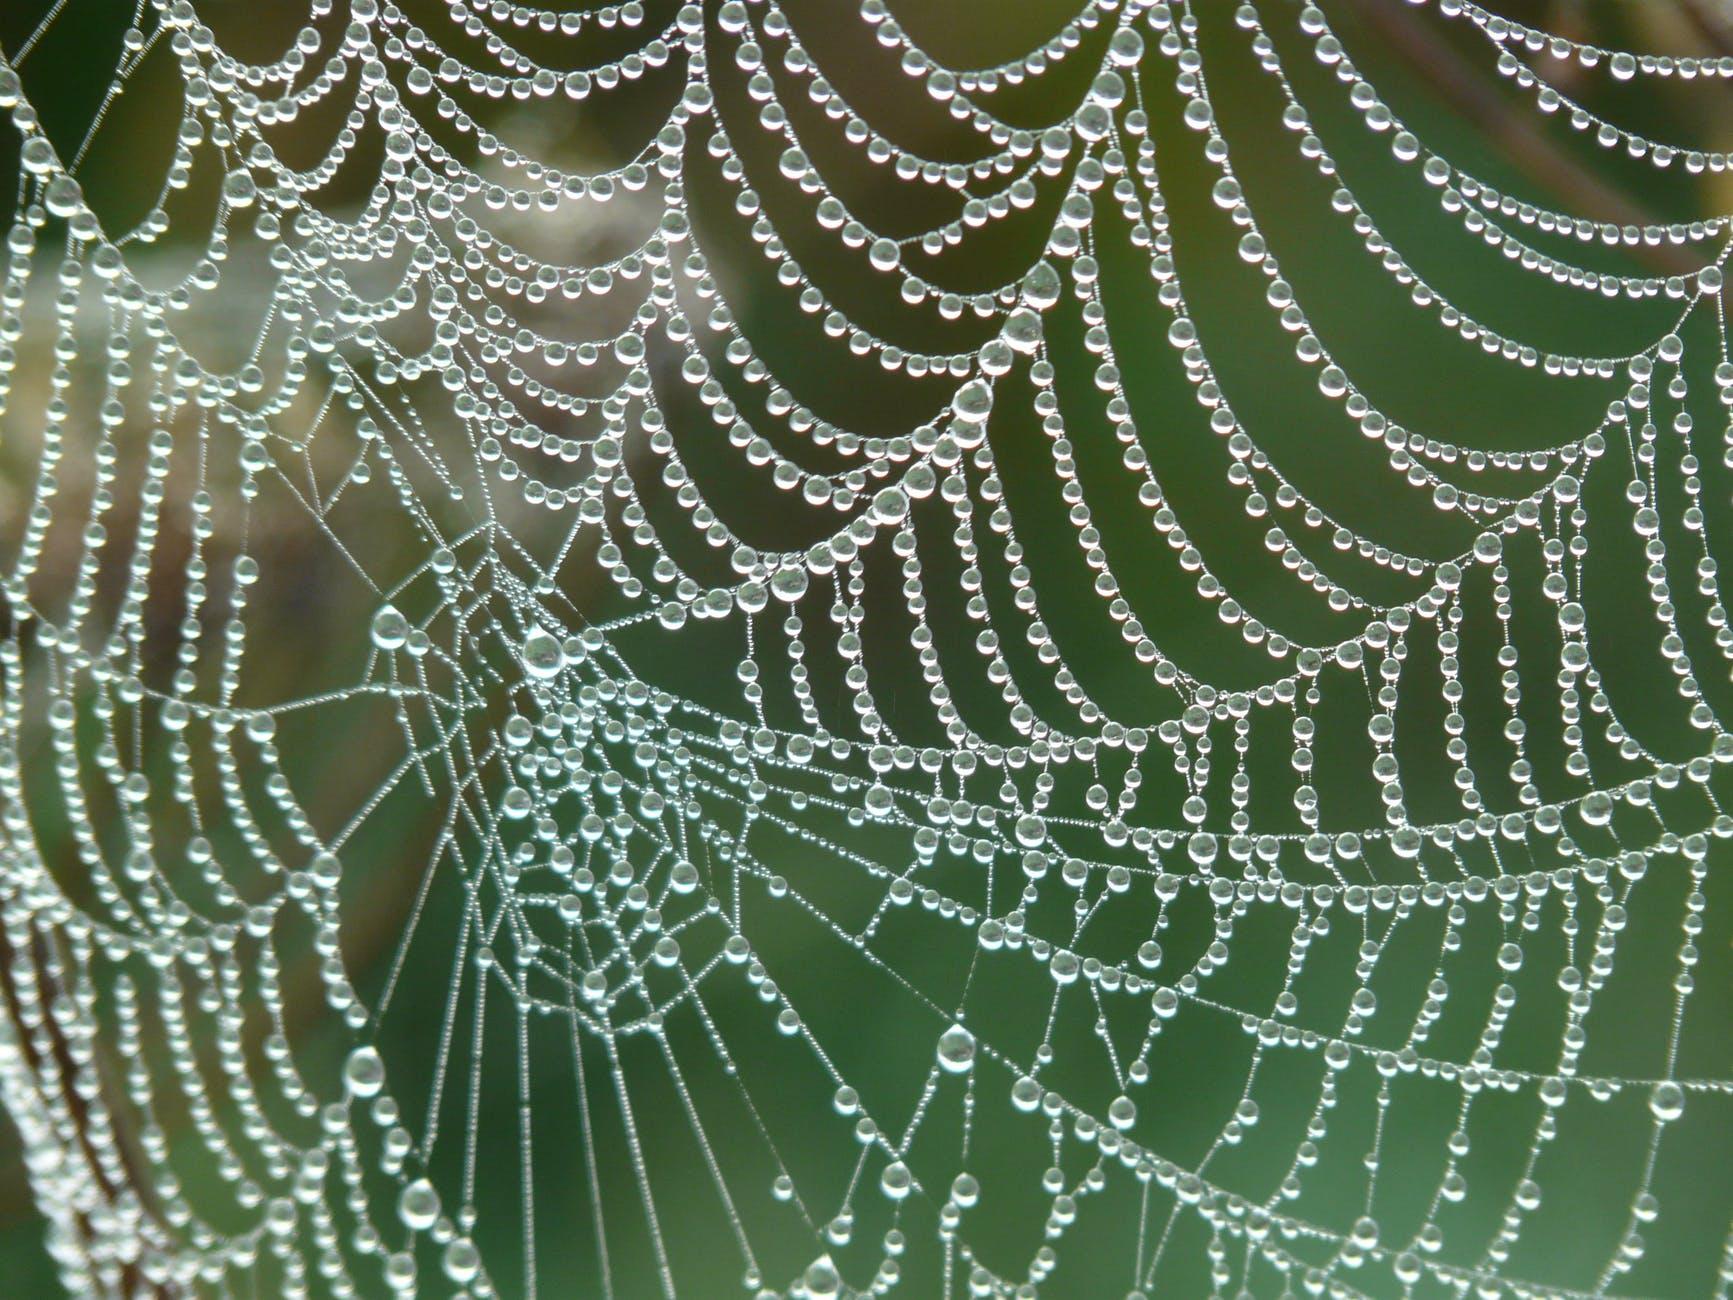 dew cobweb drip dewdrop